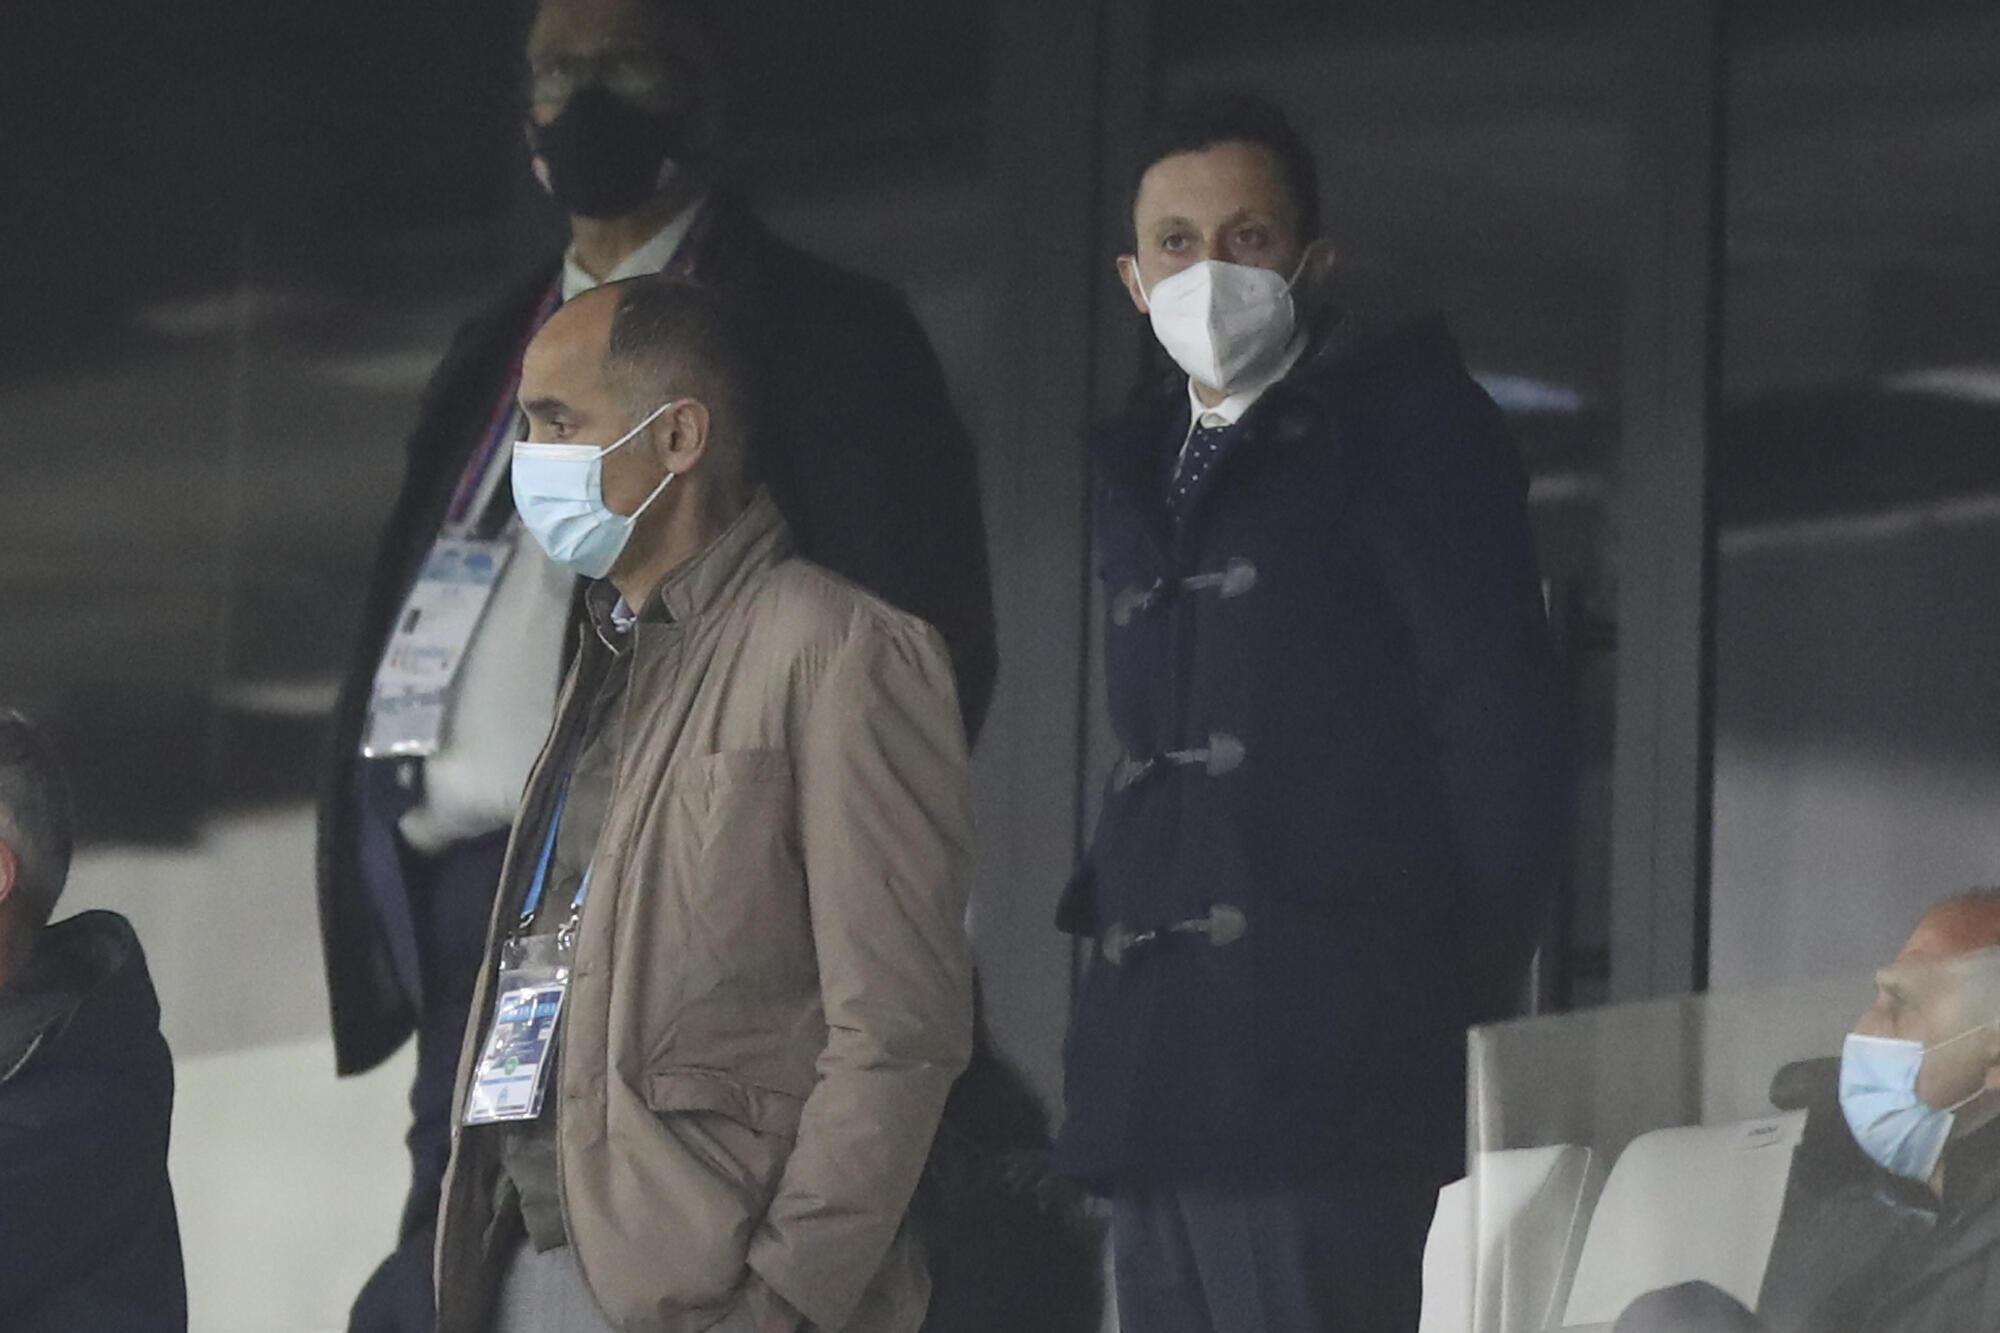 Pablo Longoria (à droite), le nouveau président de l'OM, pour son premier match en tant que tel face à l'OL, le 28 février 2021 au Vélodrome.